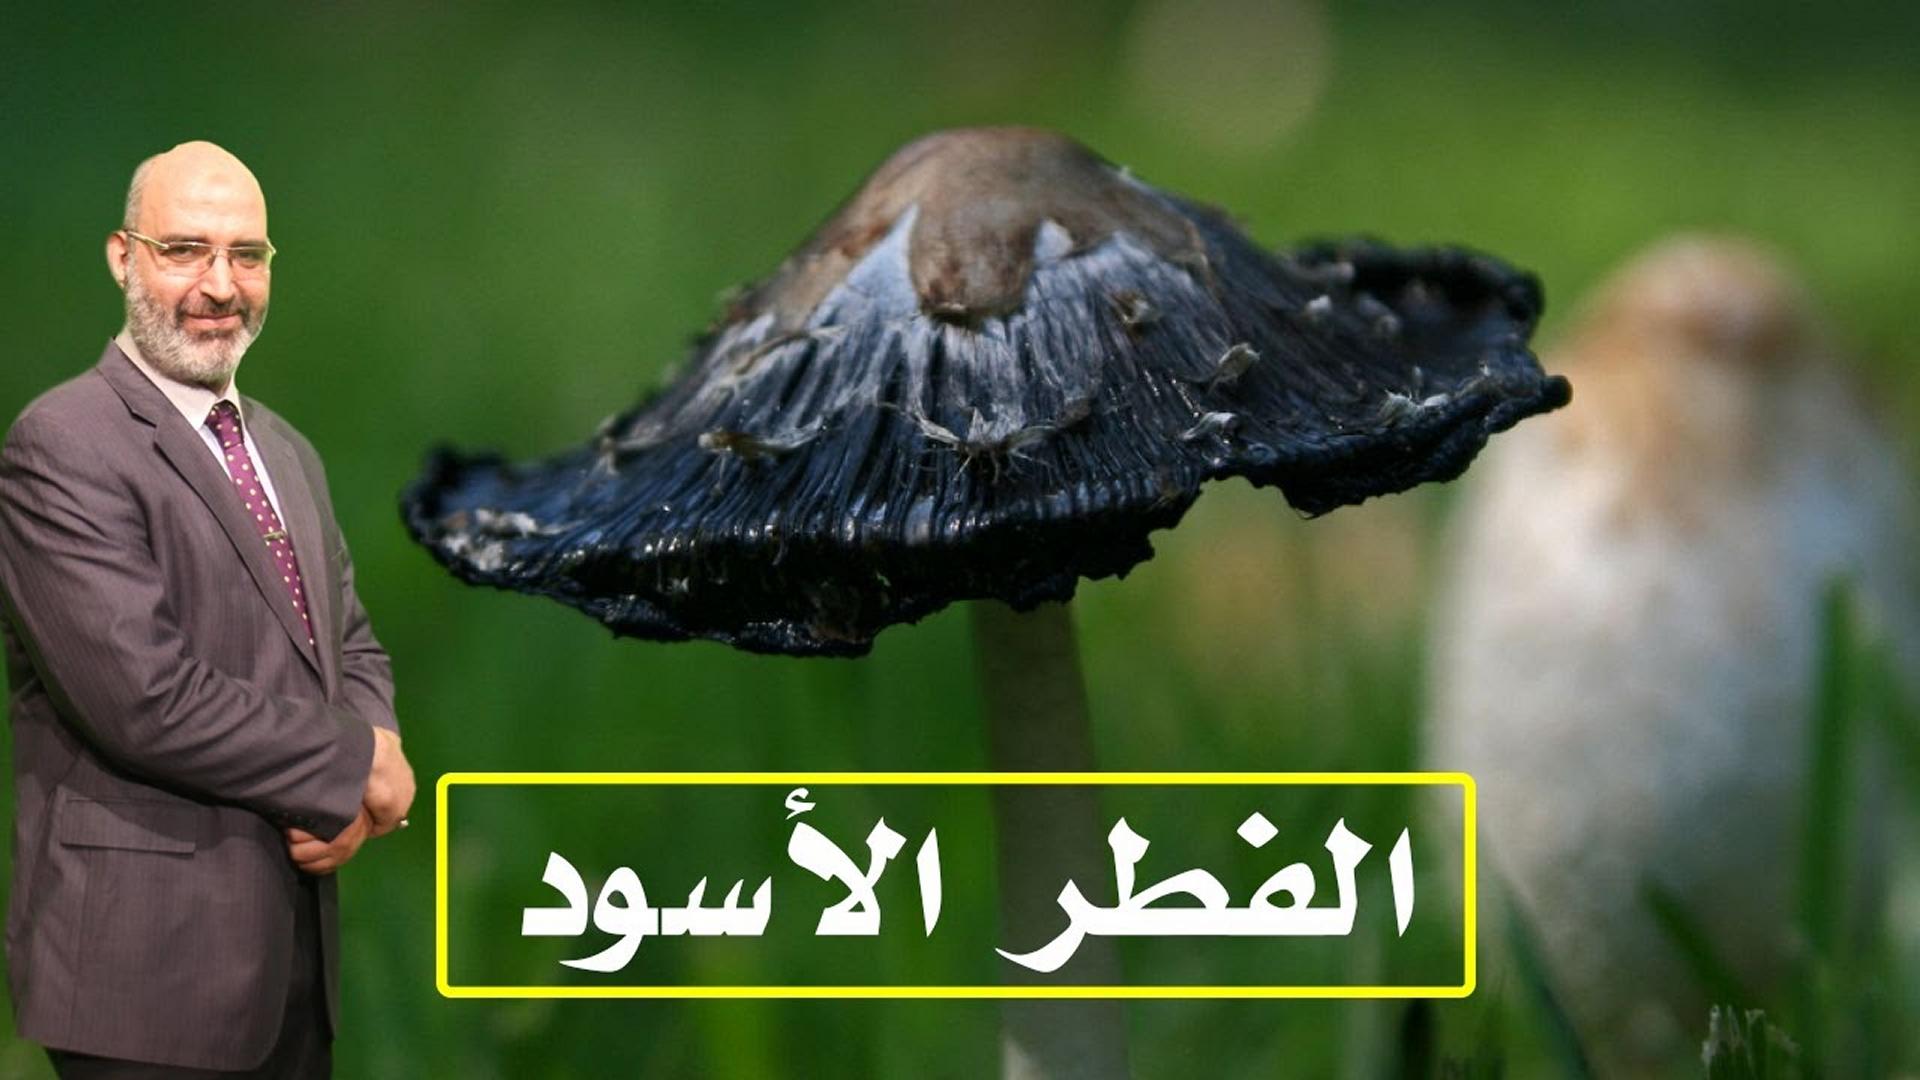 تعرف على الفطر الأسود مع الدكتور أمير صالح